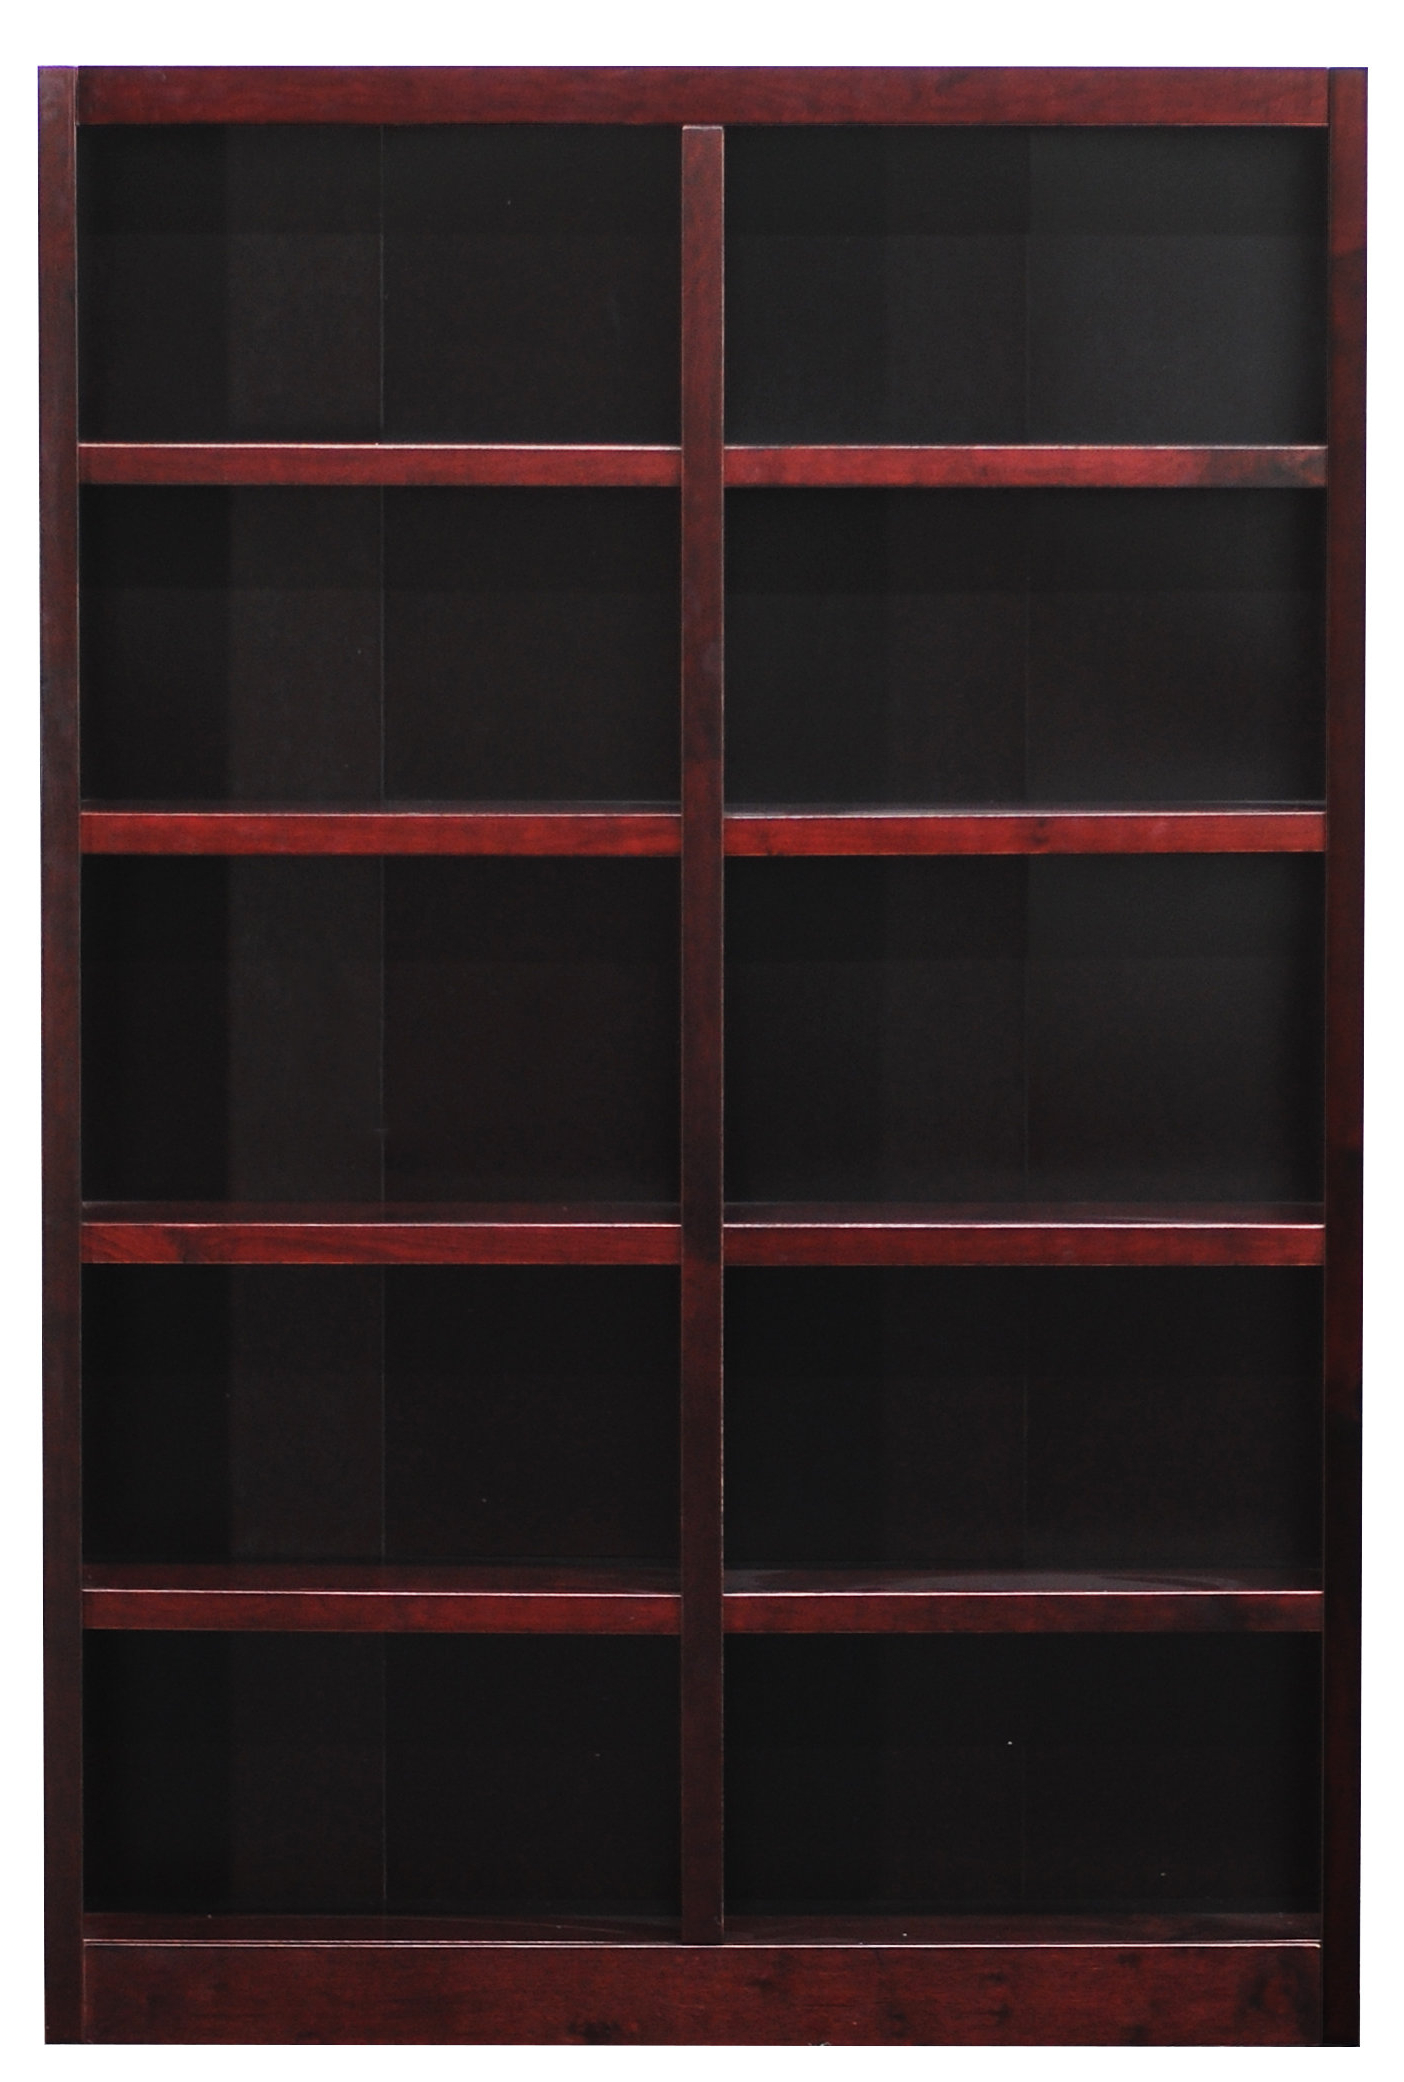 Cerrato Standard Bookcases For Current Patro Standard Bookcase (Gallery 11 of 20)